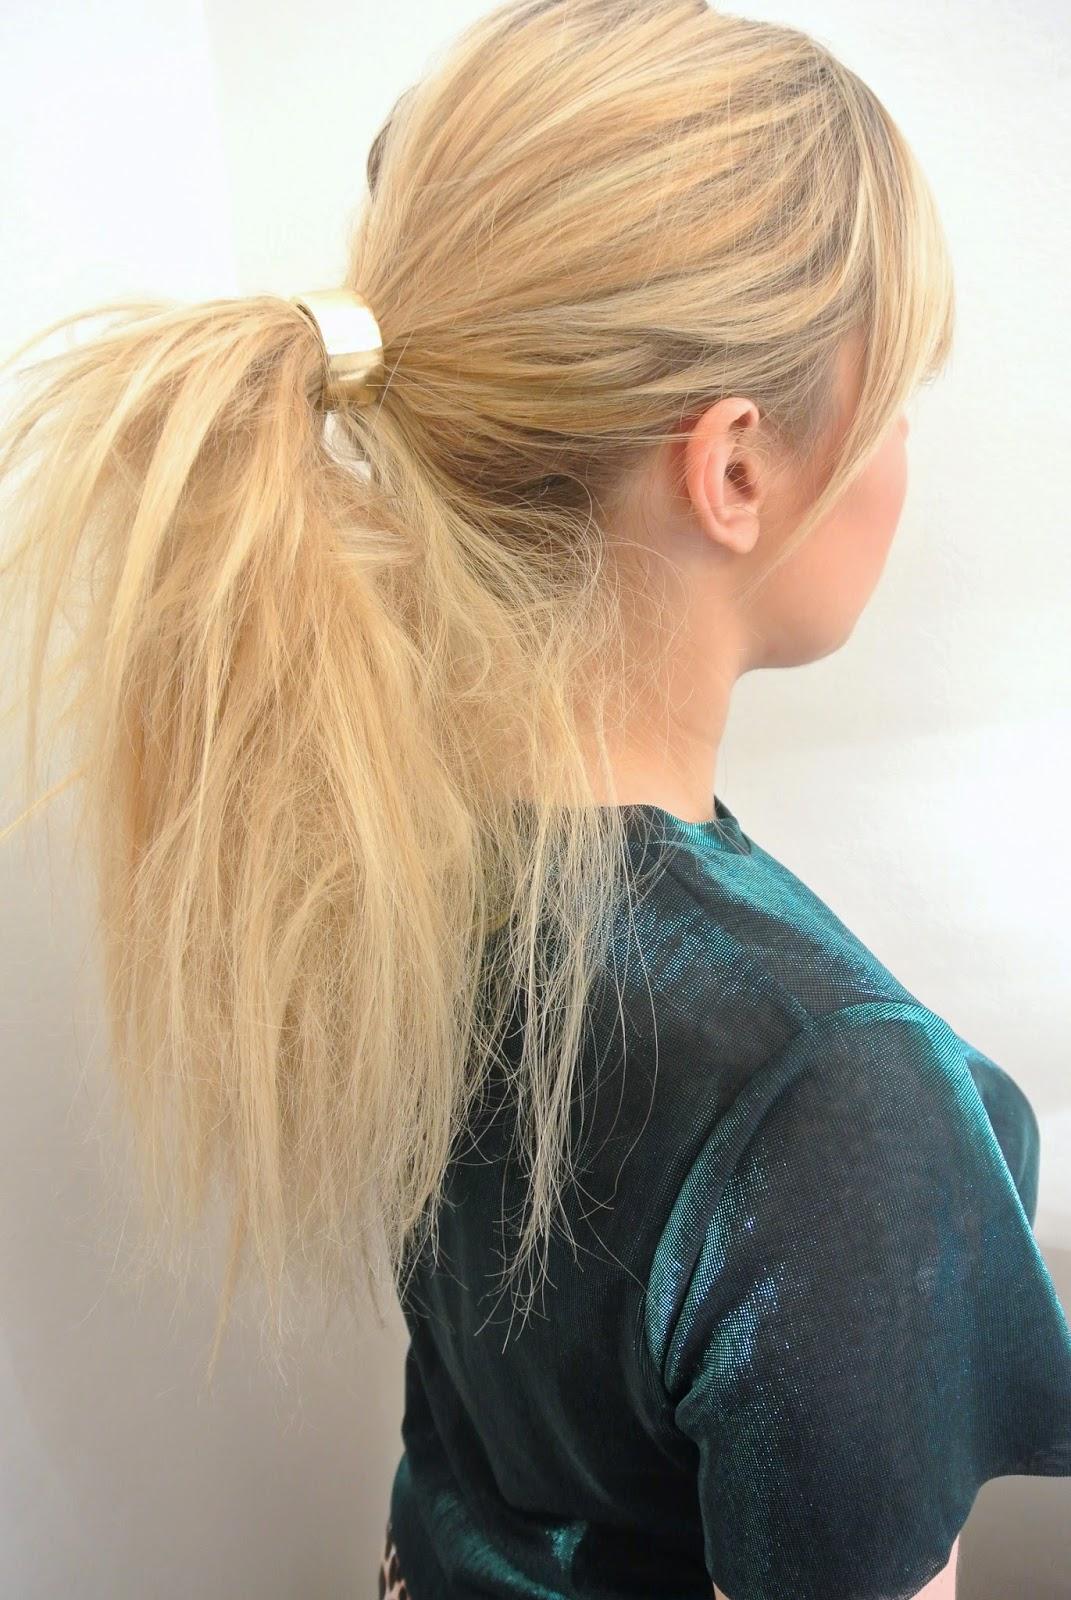 trois coiffures rapides et styl es pour l 39 automne minute femme. Black Bedroom Furniture Sets. Home Design Ideas